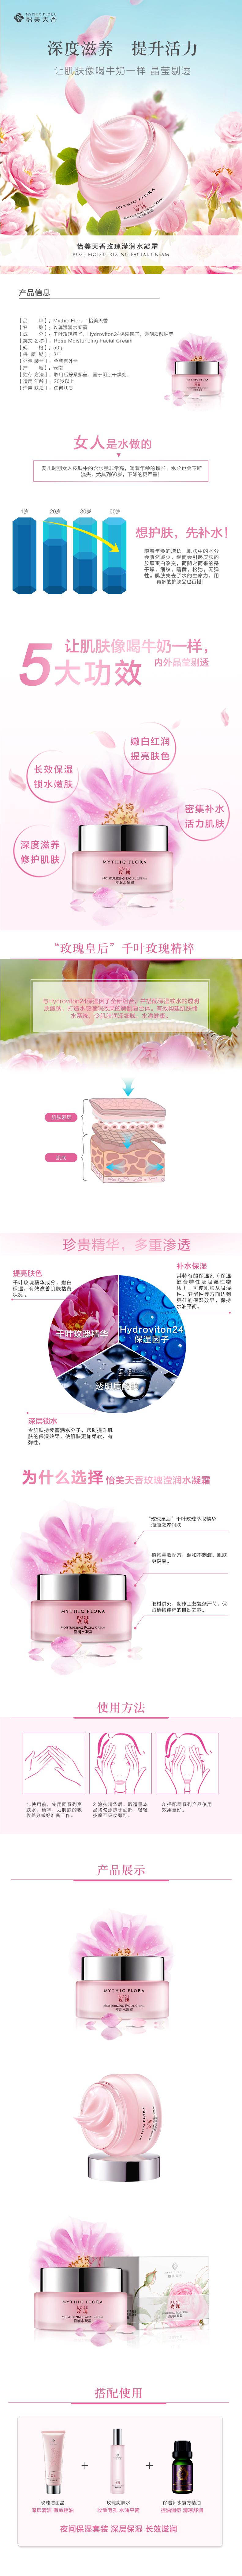 怡美天香玫瑰滢润水凝霜50g.png